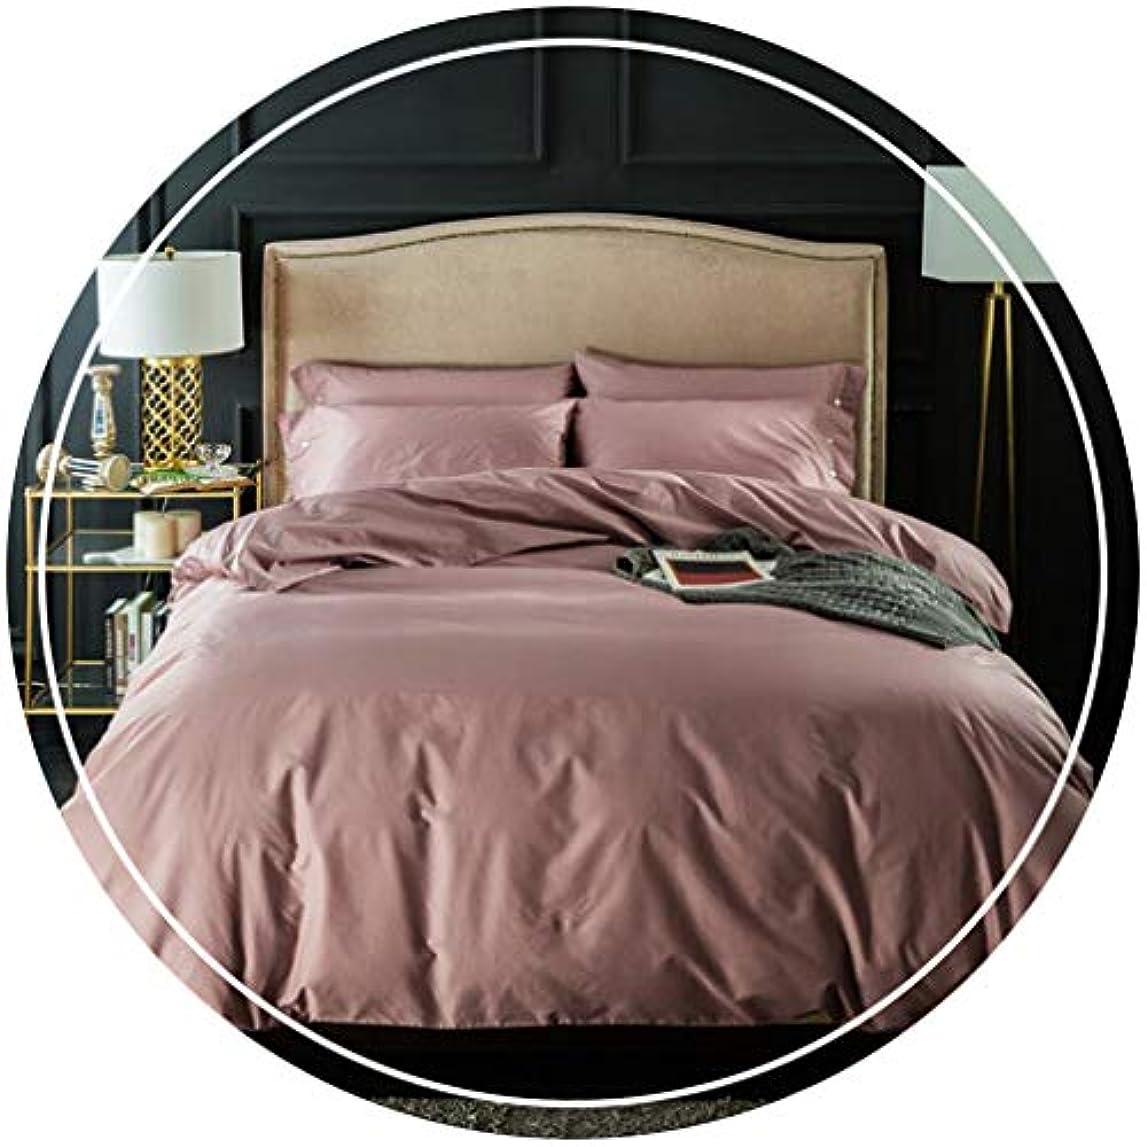 乞食辞任する休暇HUYYA シートカバー、寝具カバーセット 柔らかく快適 4枚セットのシート マイクロファイバー シーツと枕セット,Bean powder_Increase